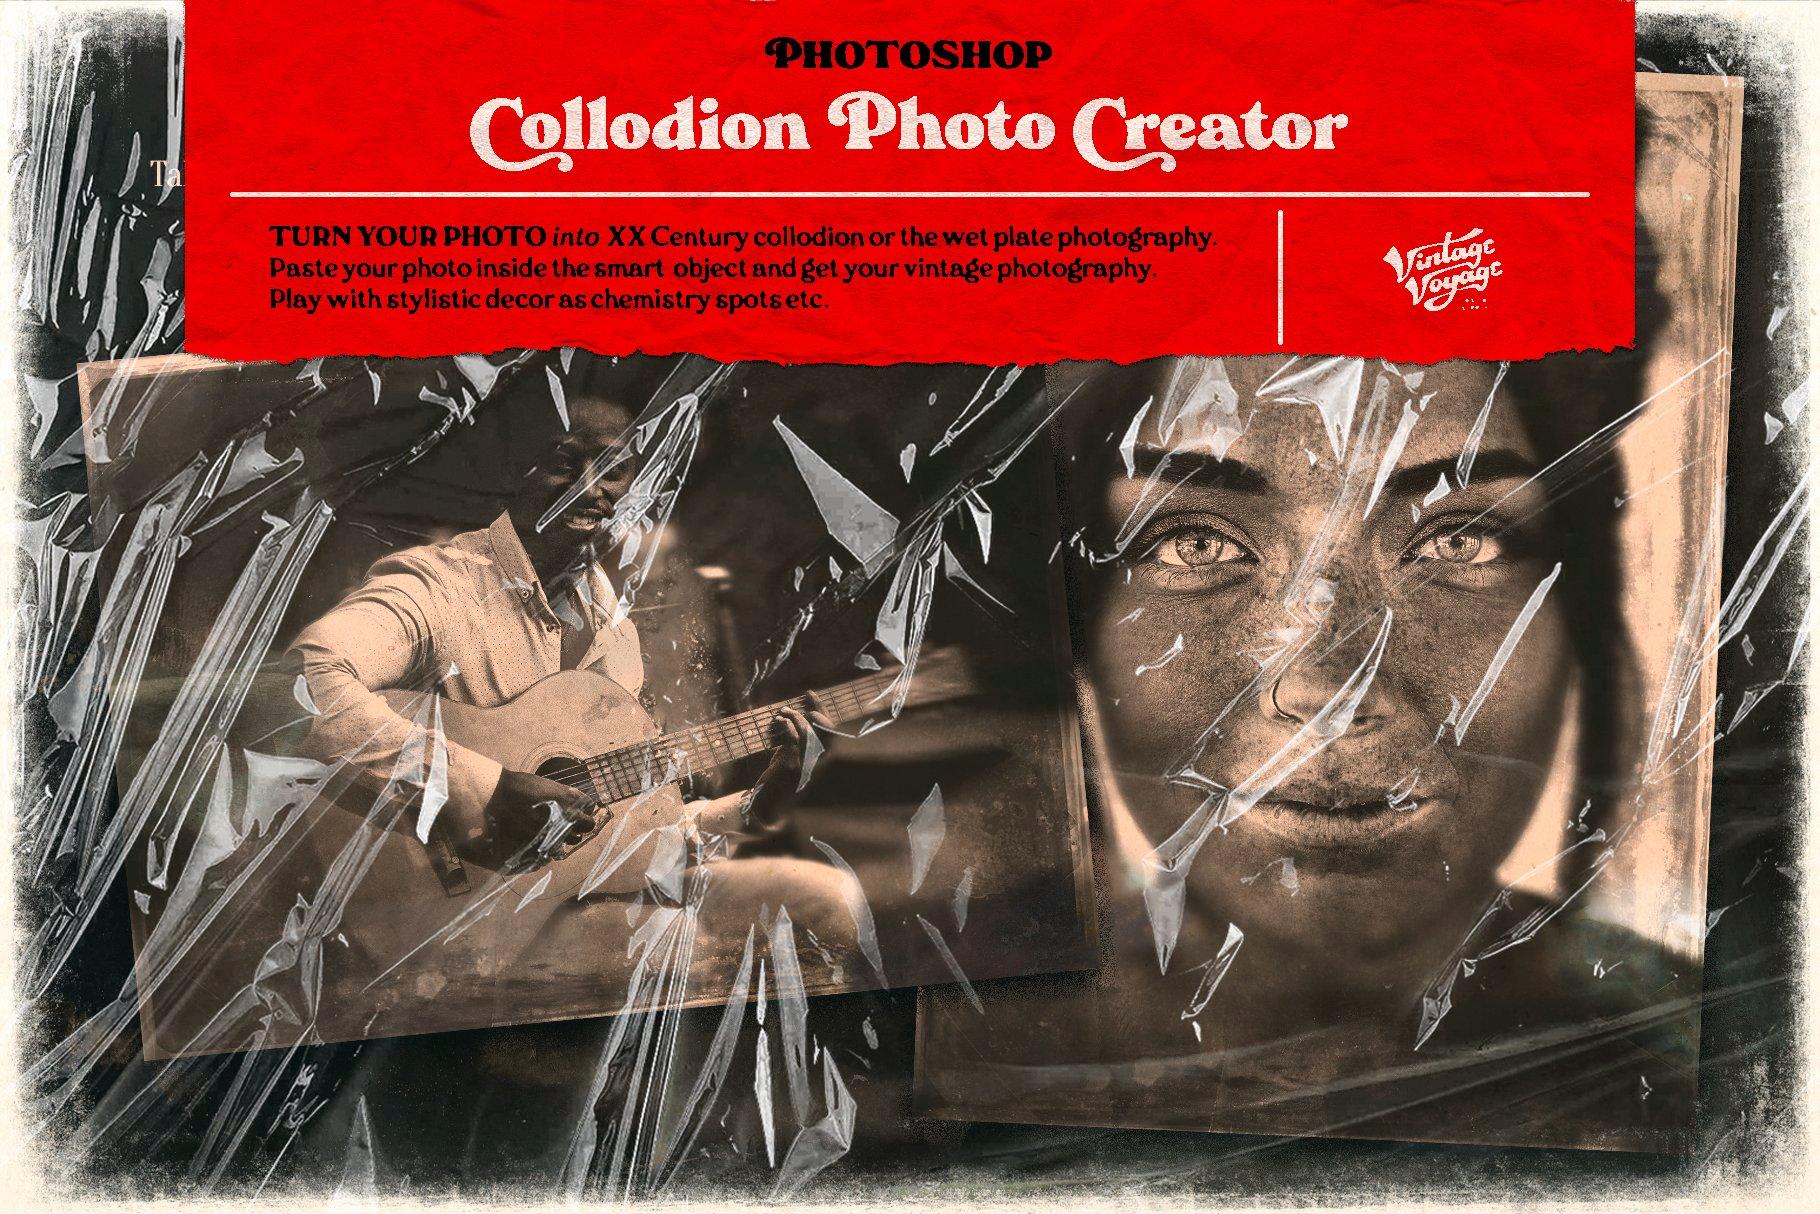 7款潮流素描水彩半调胶片艺术海报效果照片处理特效PS素材套装 Photoshop Creator's Bundle • 7 in 1插图10